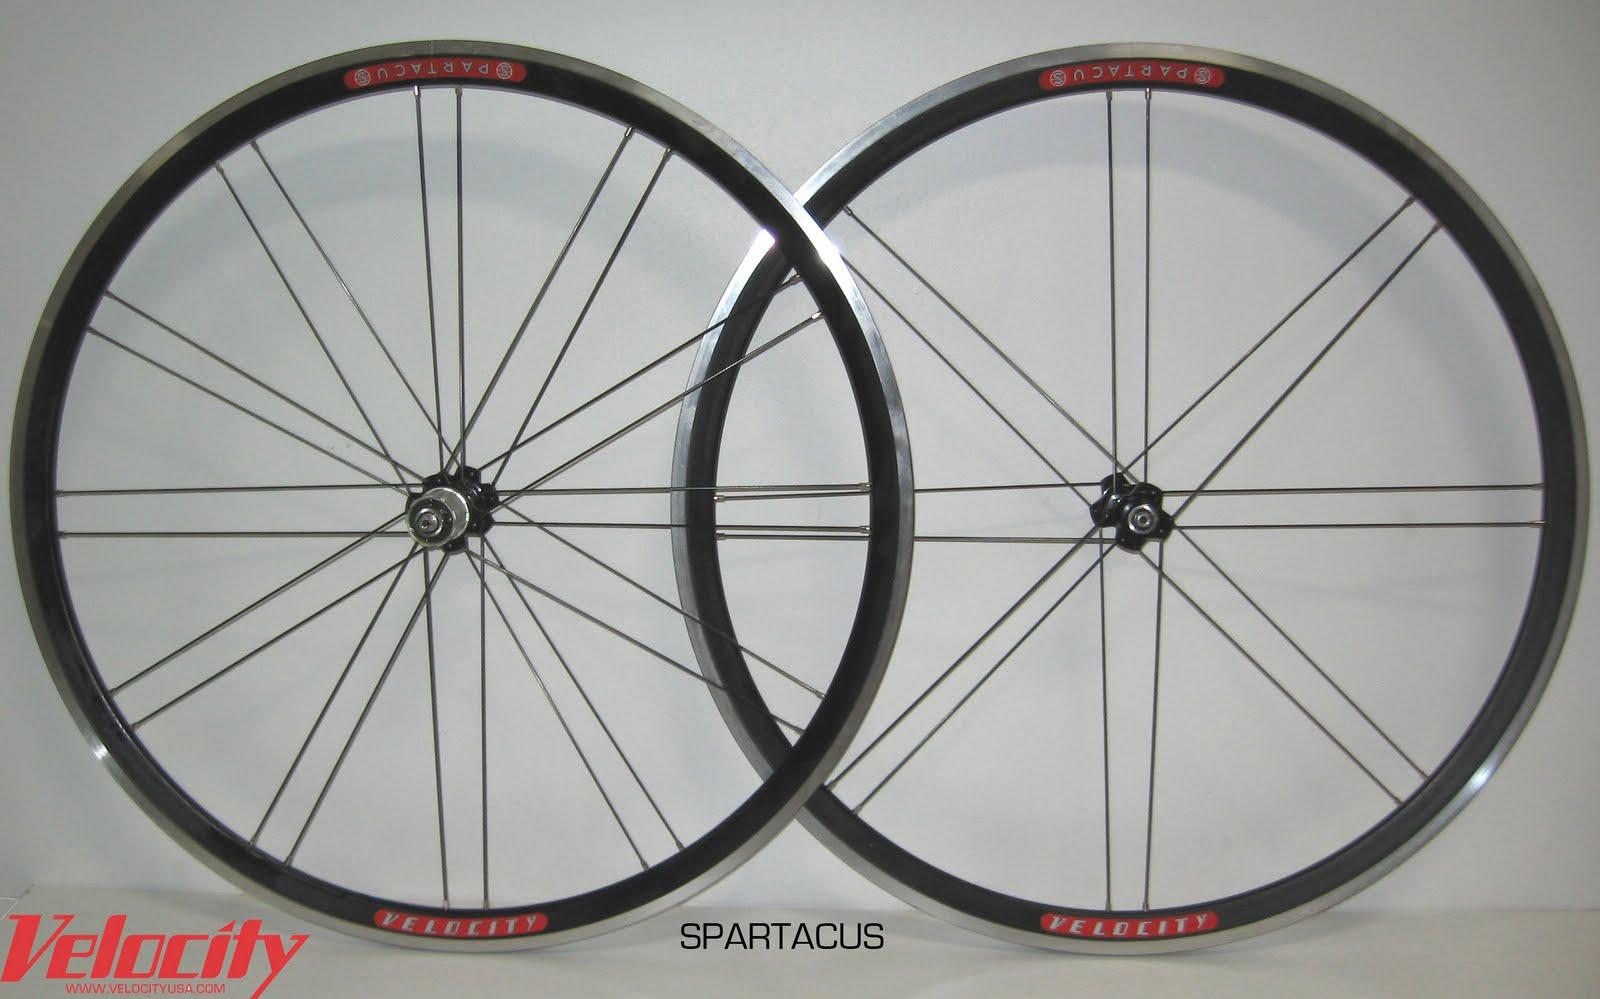 [Spartacus+Wheelset+w+info]